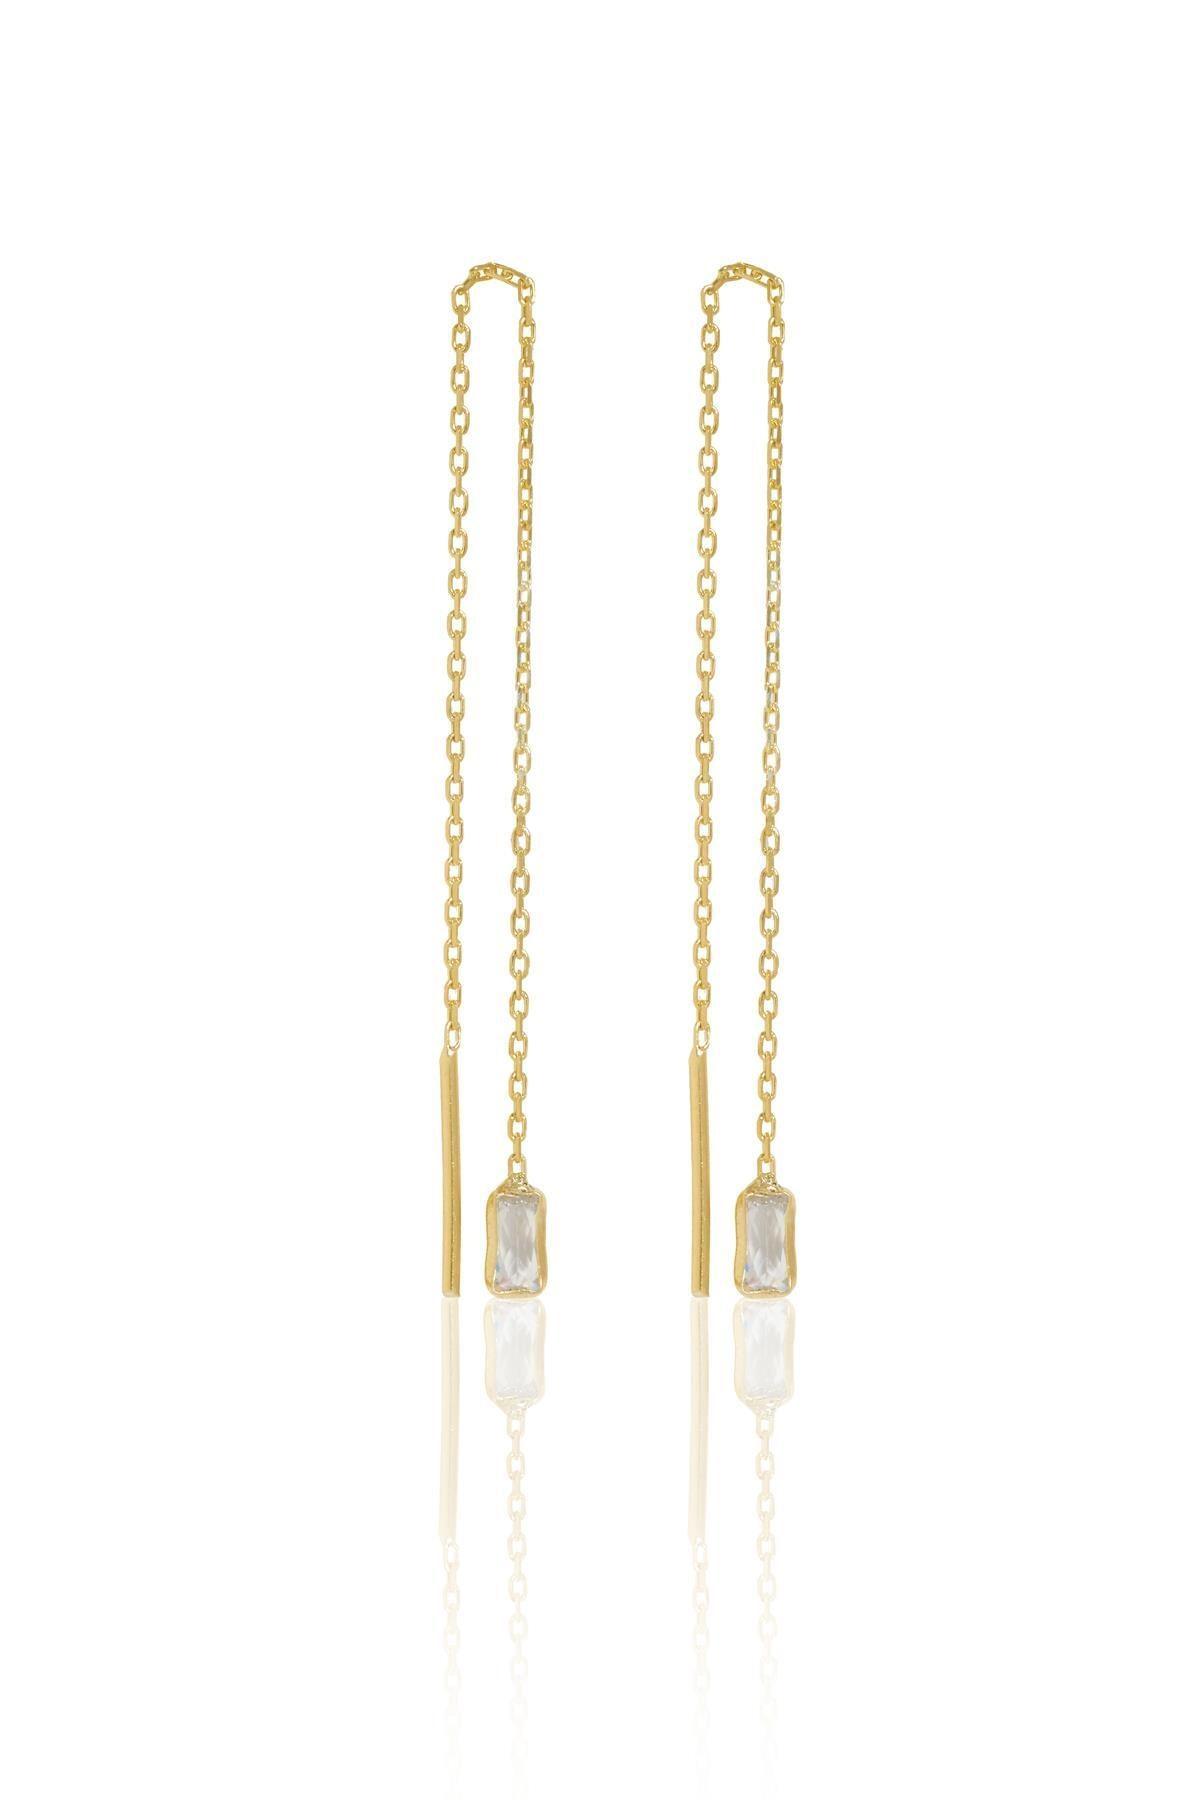 İzla Design Kadın Baget Taşlı Sallantılı Altın Kaplama Gümüş İtalyan Küpe PKT-TLYSLVR0741 1